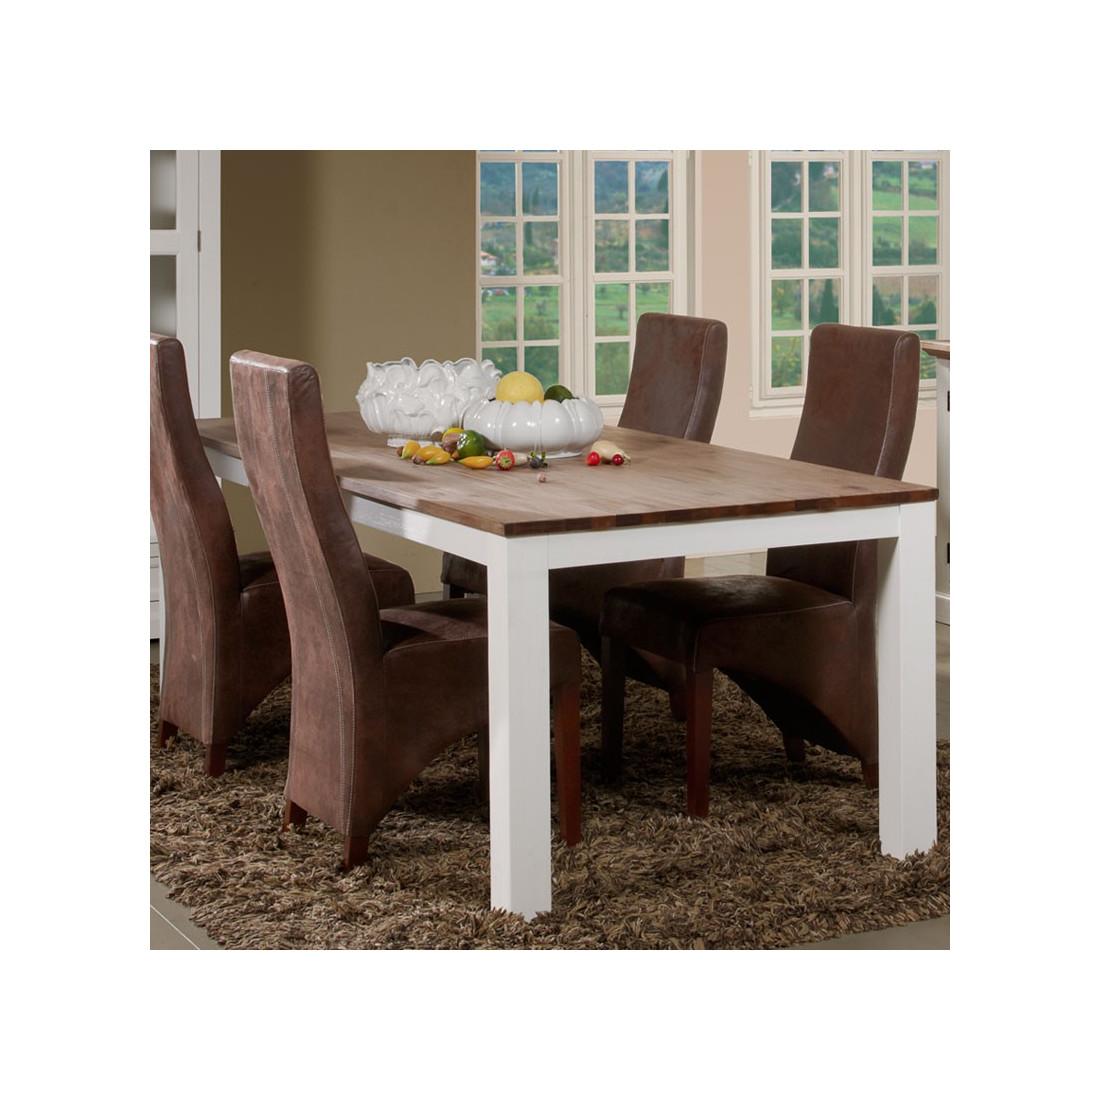 Table de repas 220 cm rio univers salle manger for Table de salle a manger 220 cm